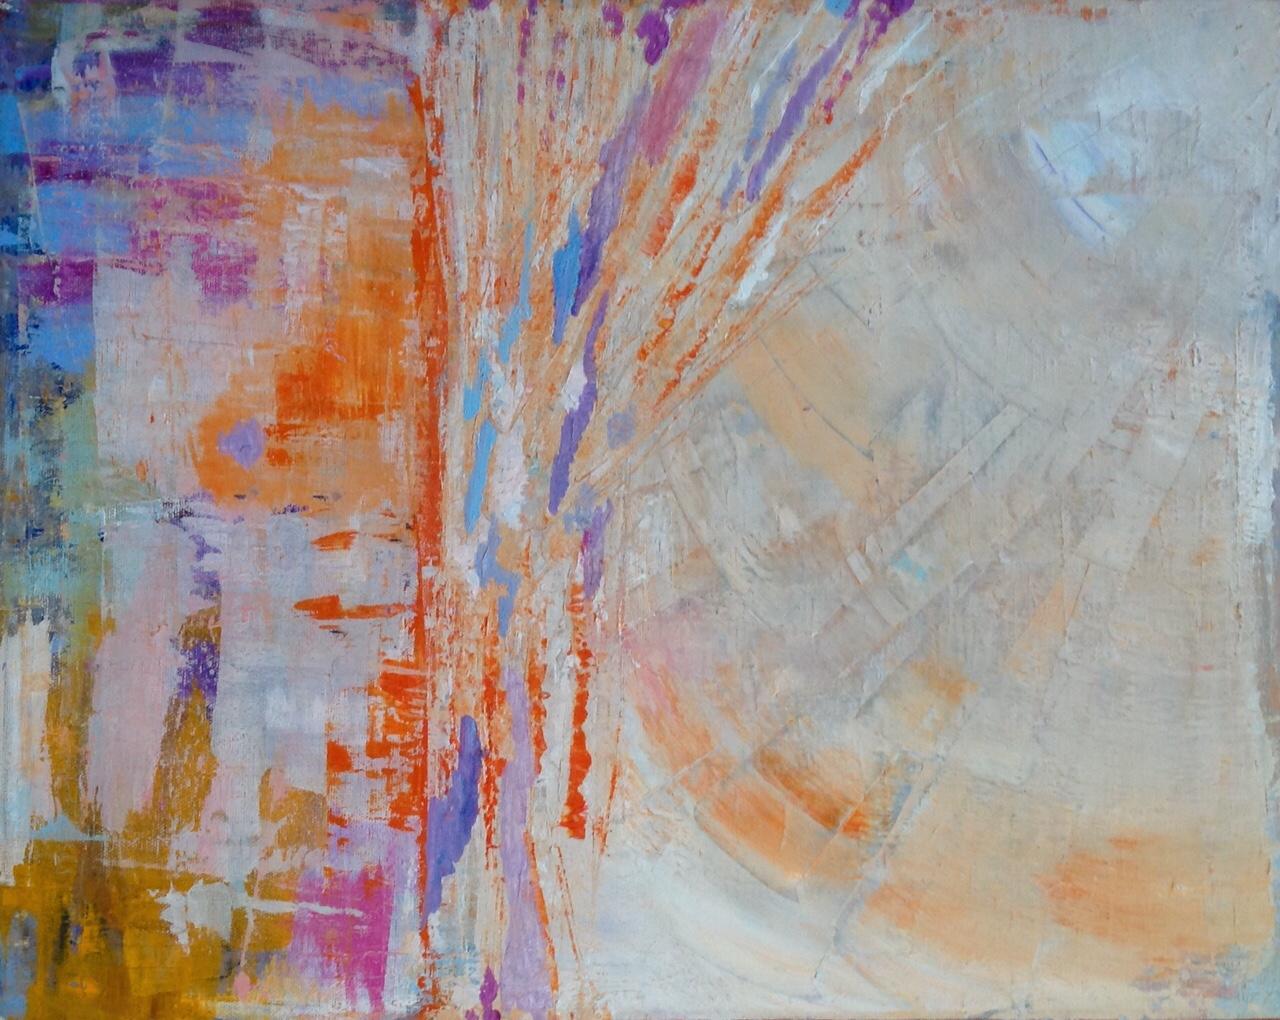 Dawn 2015 - Acrylic on Canvas - 50x40cms